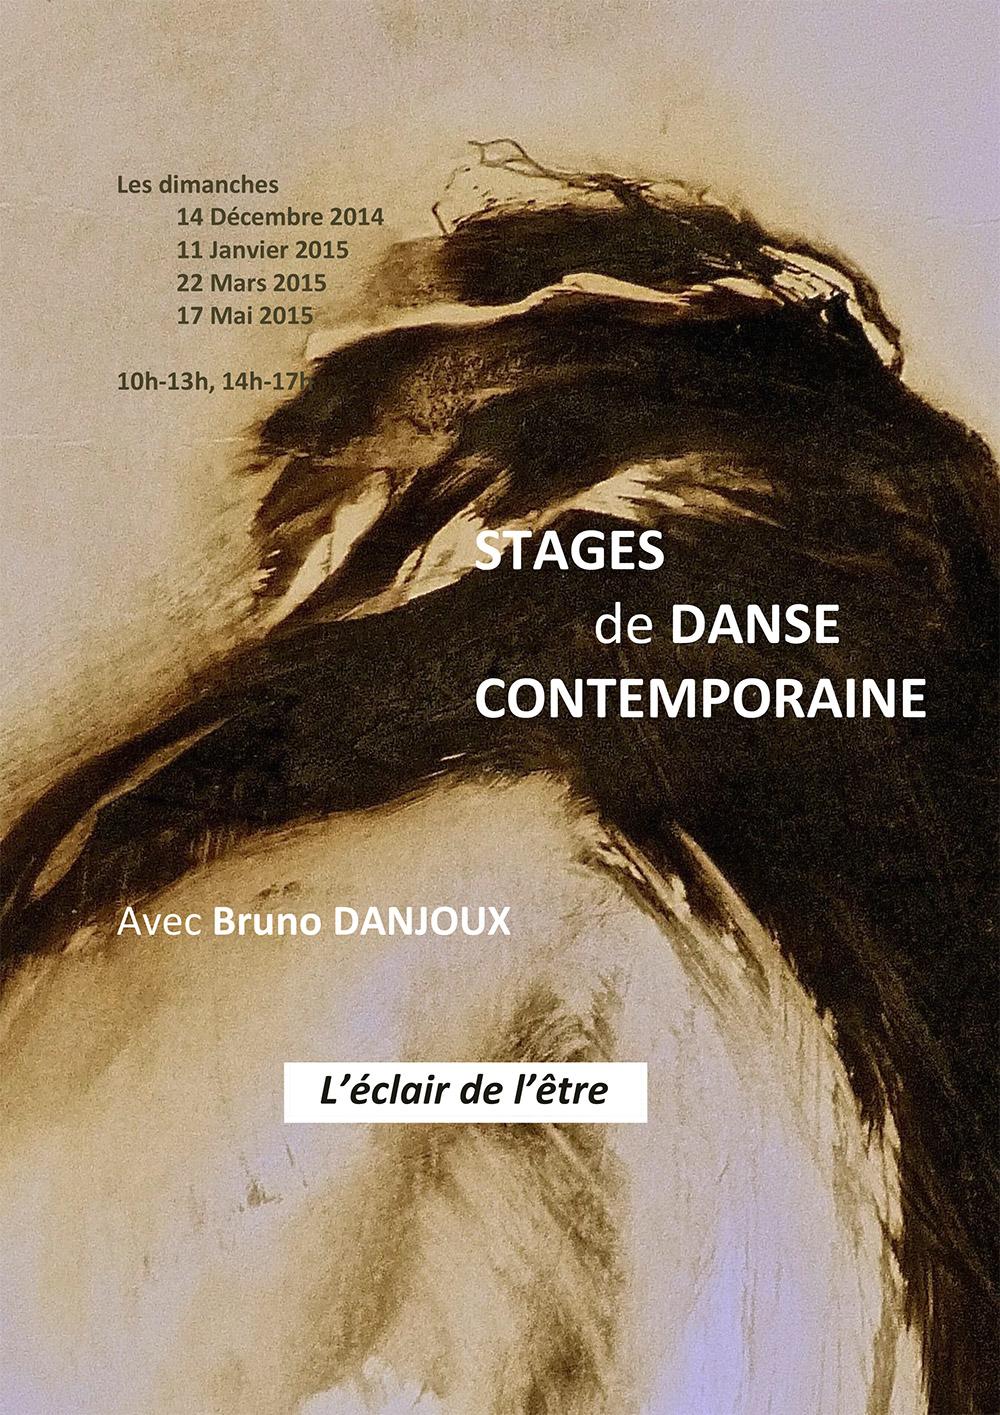 Stages-de-danse-contemporaine-1